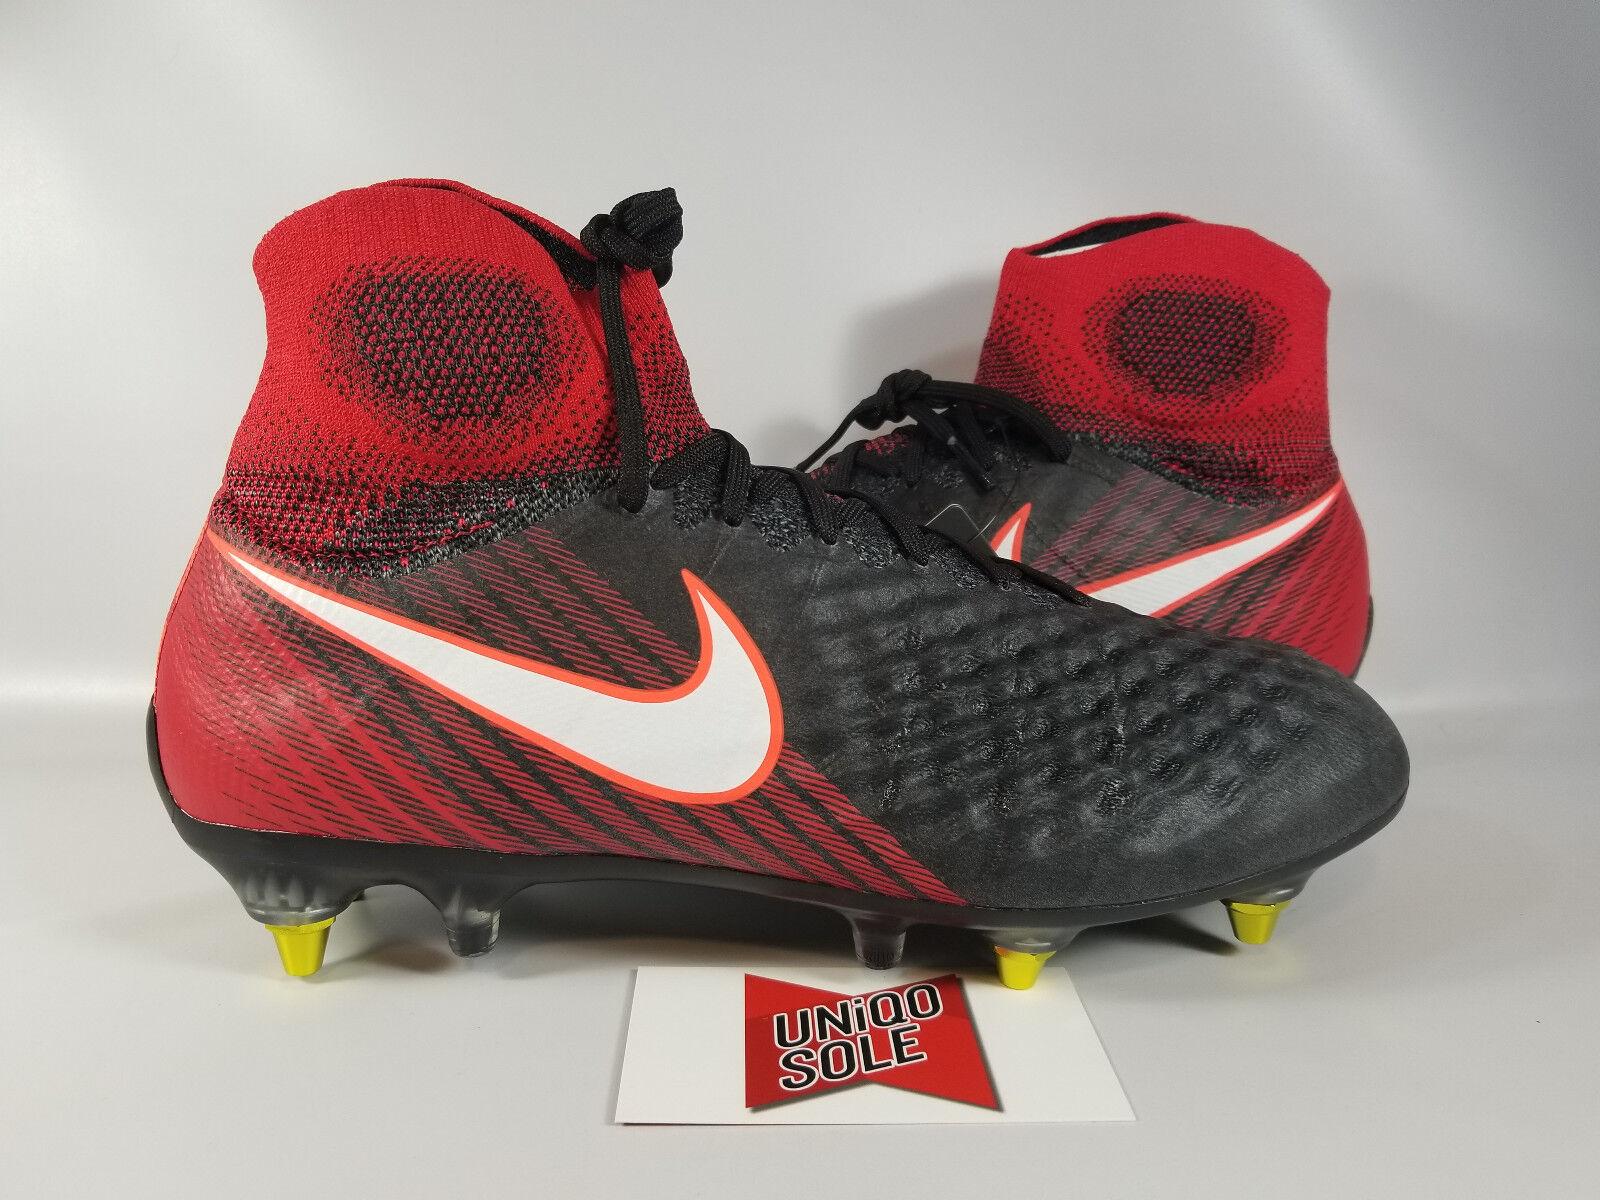 Nike Magista obra II SG Pro AC jugar Fuego botín Negro Rojo 869482-061 botín Fuego de fútbol 89cb83